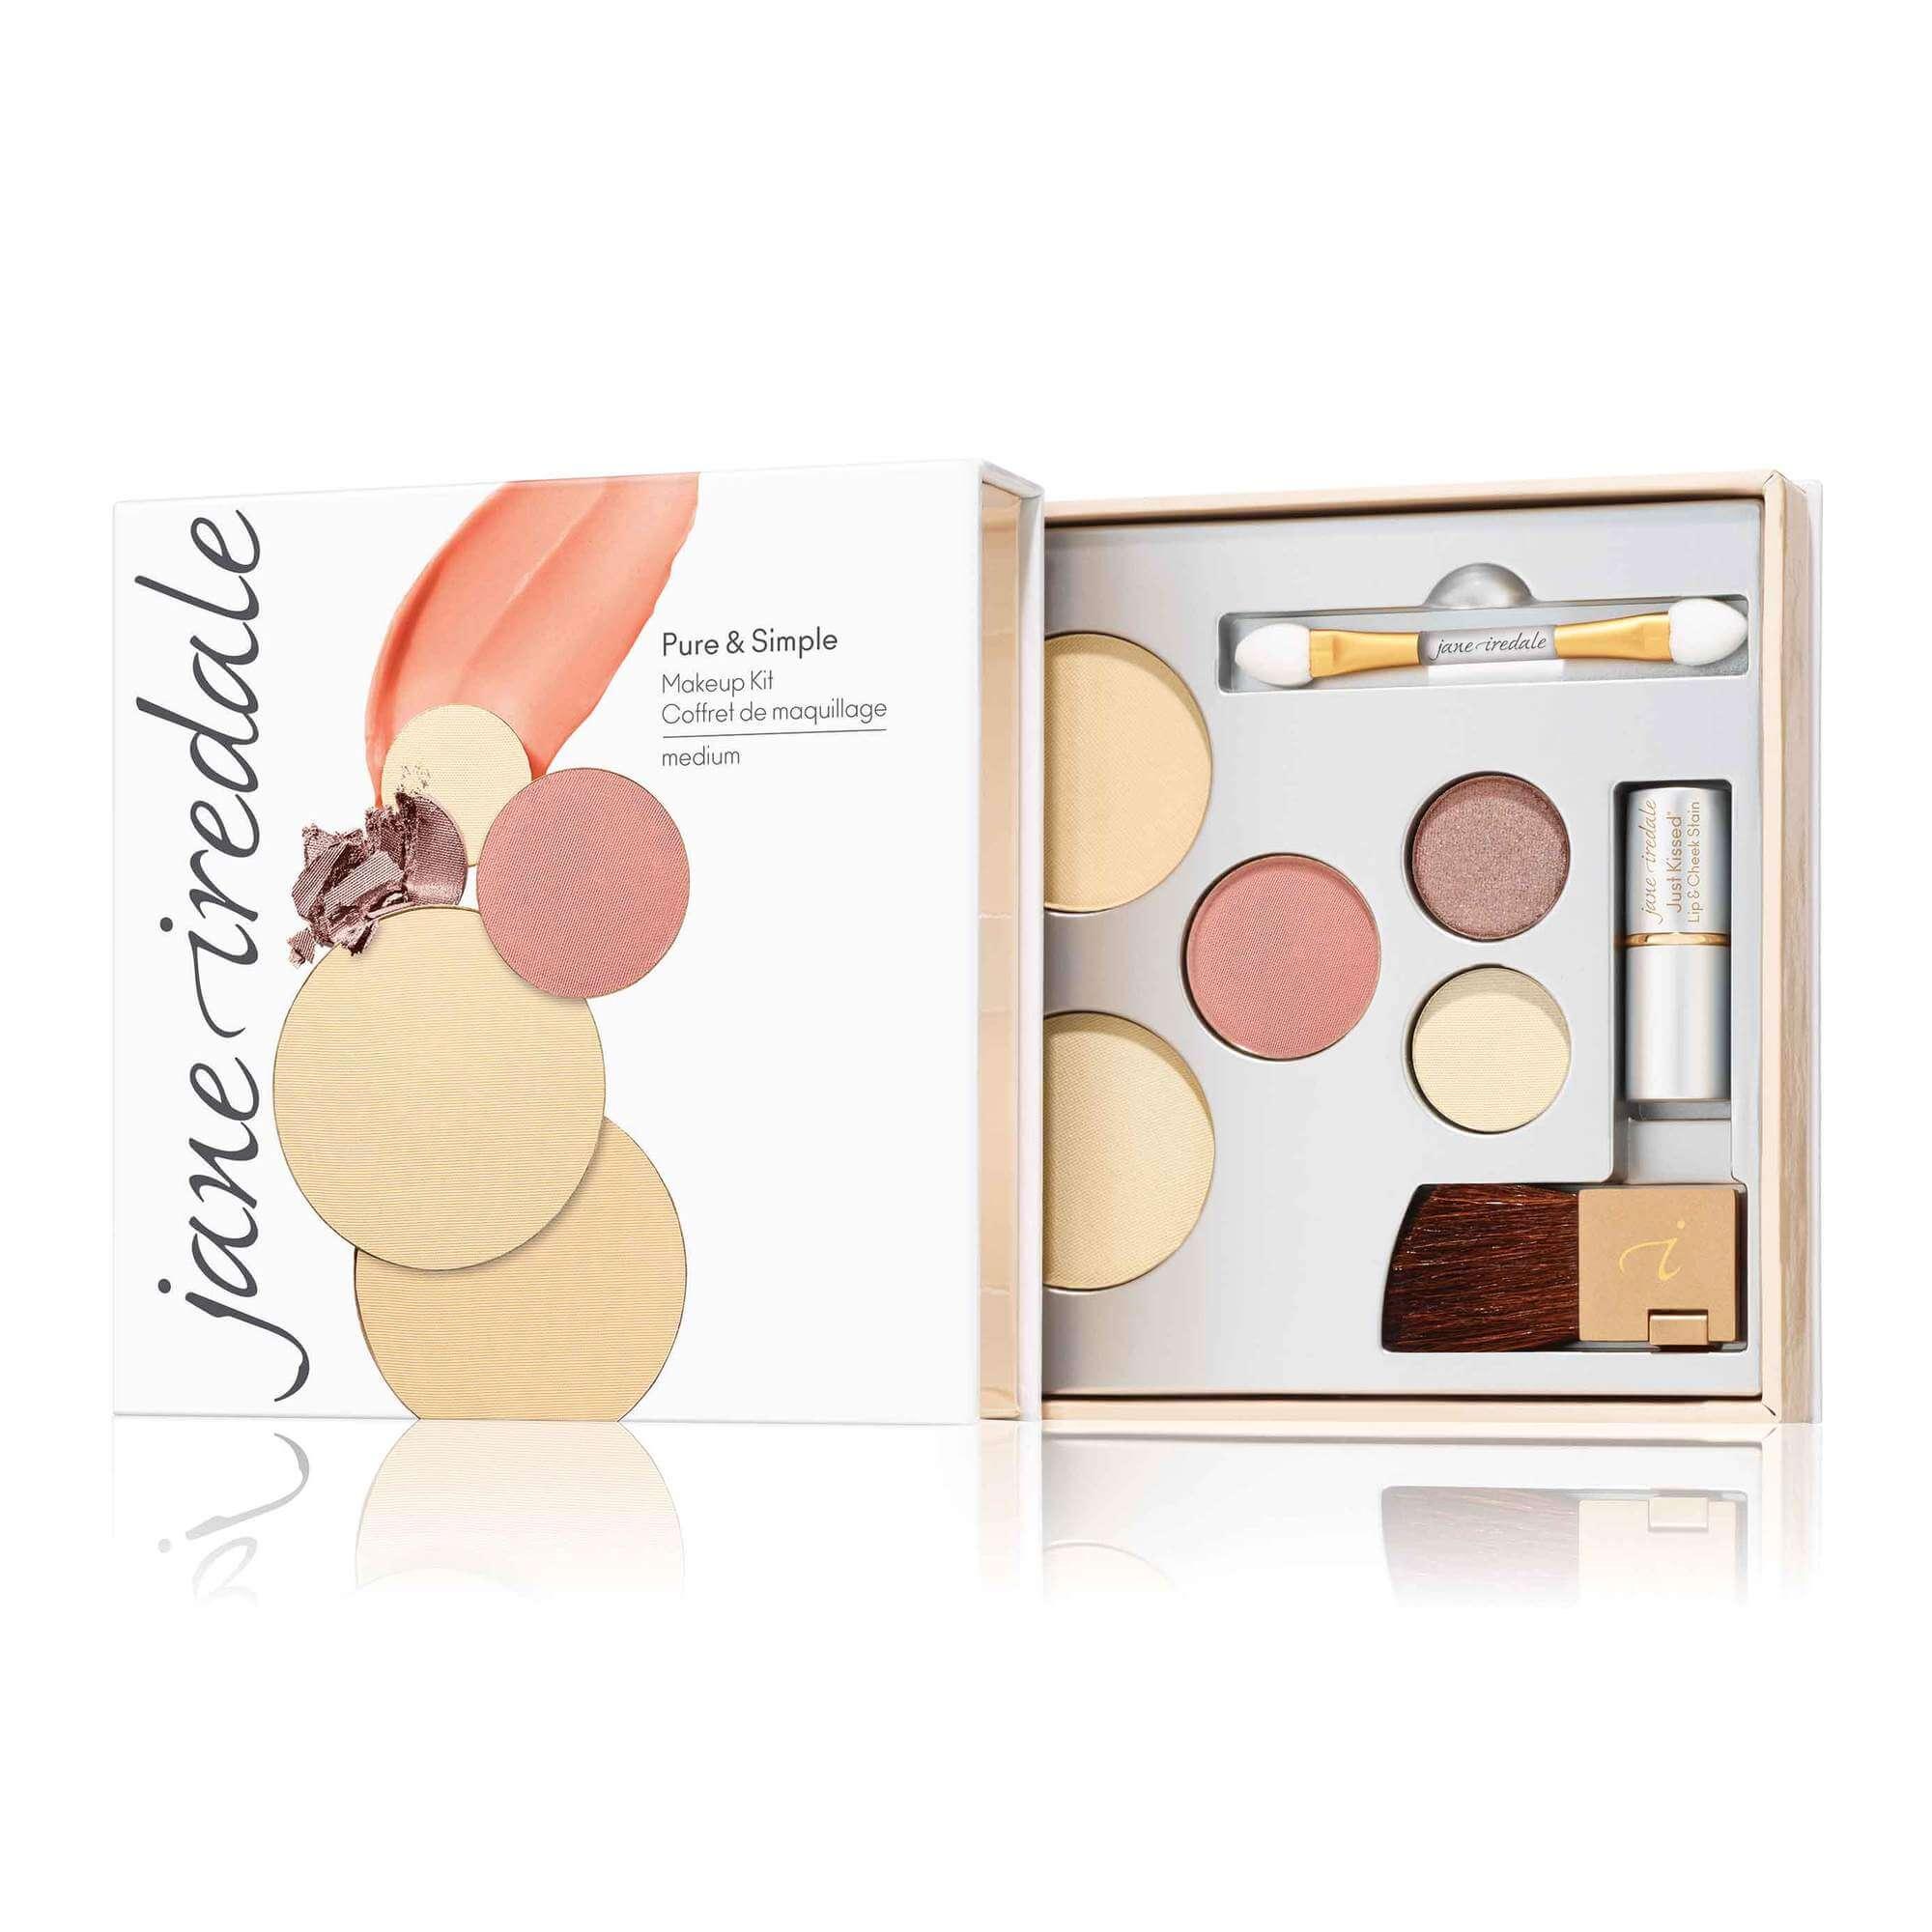 Jane Iredale Pure & Simple Make-up Kit Medium